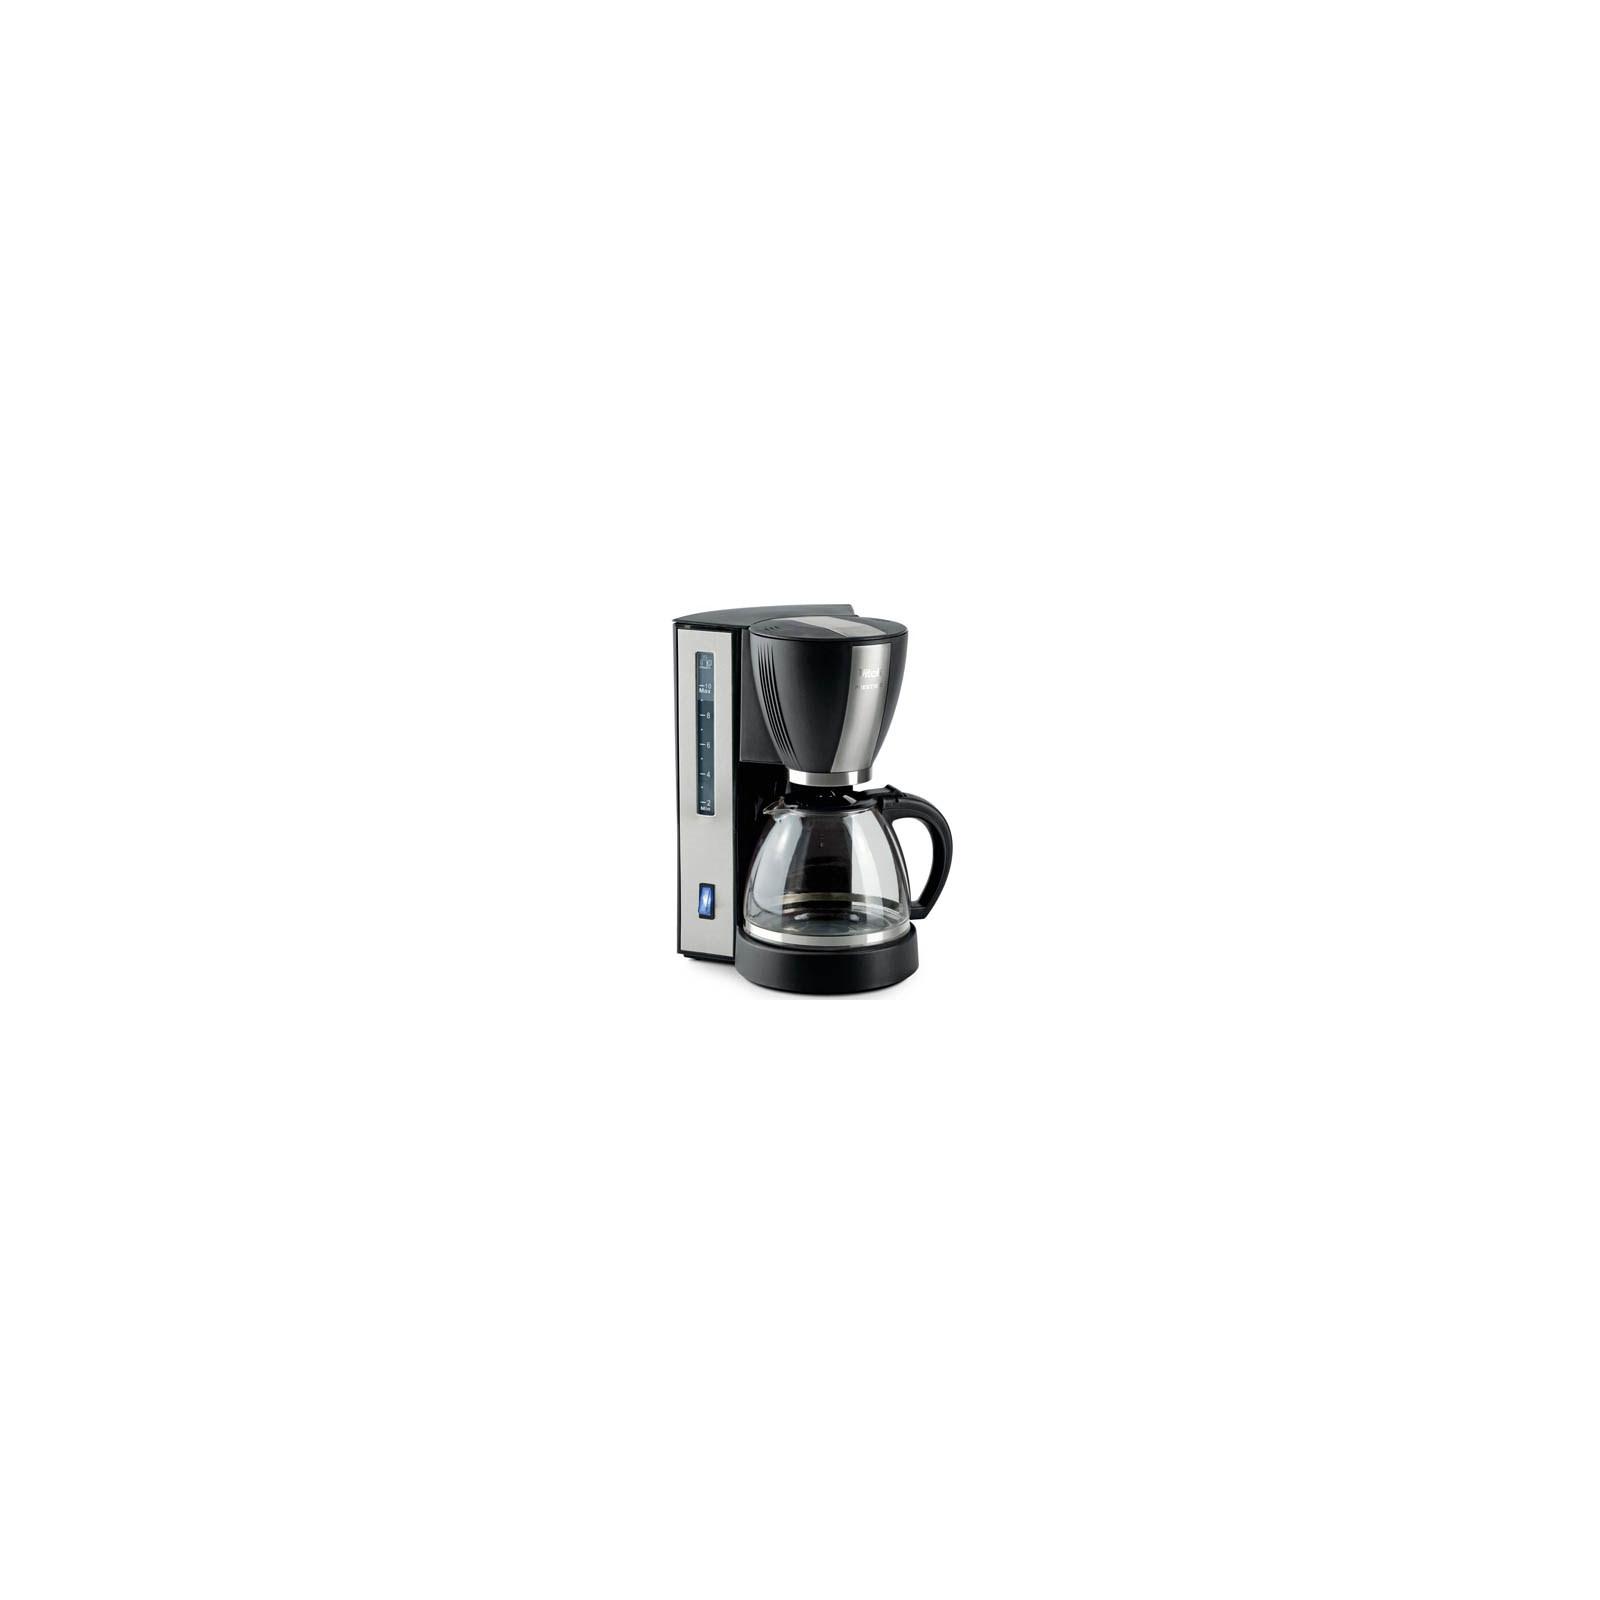 Кофеварка VITEK VT 1509 (VT-1509)